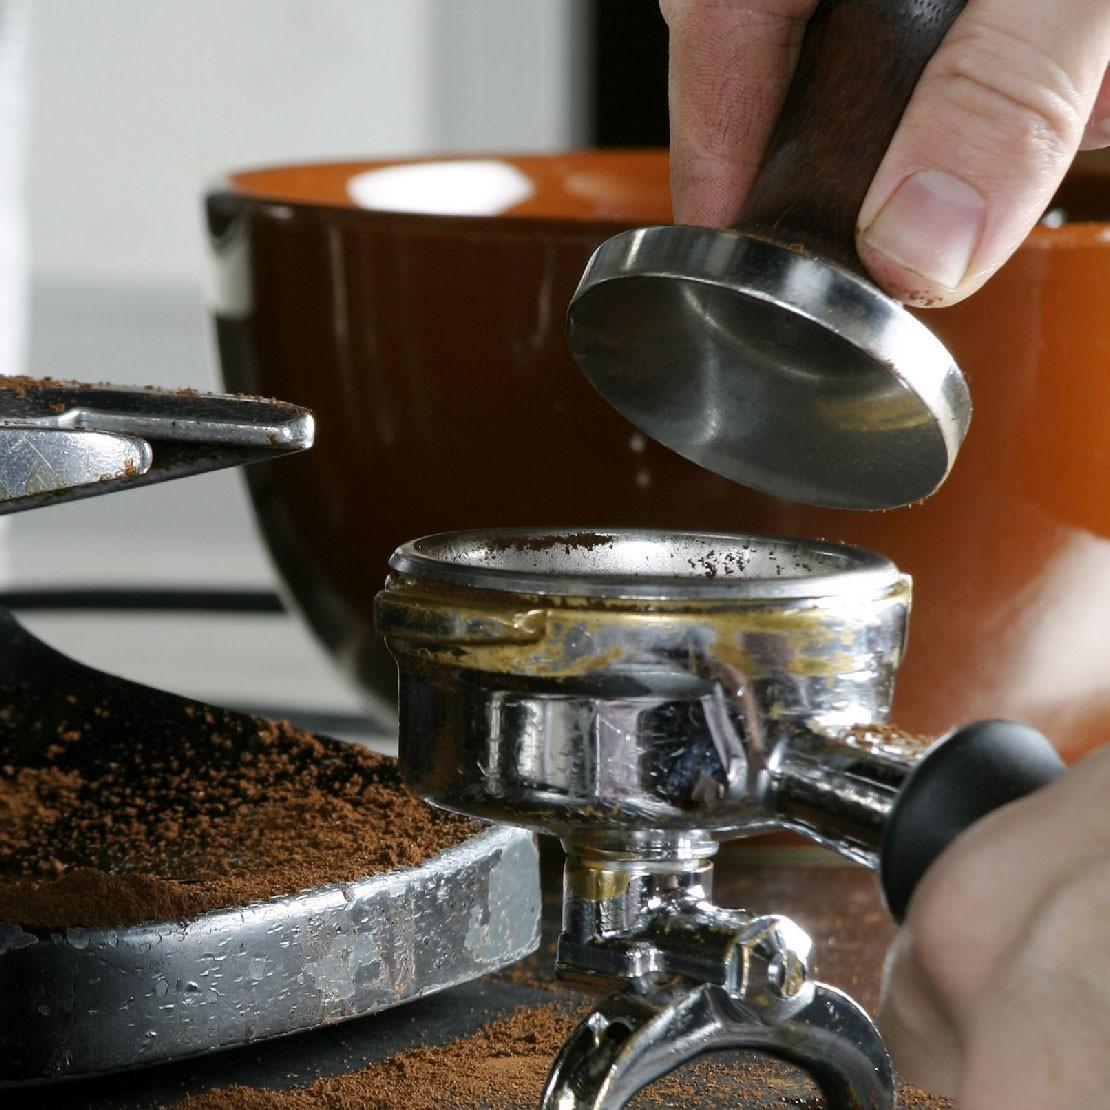 咖啡師實務課程  (第201屆) 2021.01.08 - 2021.03.04  (FRI)